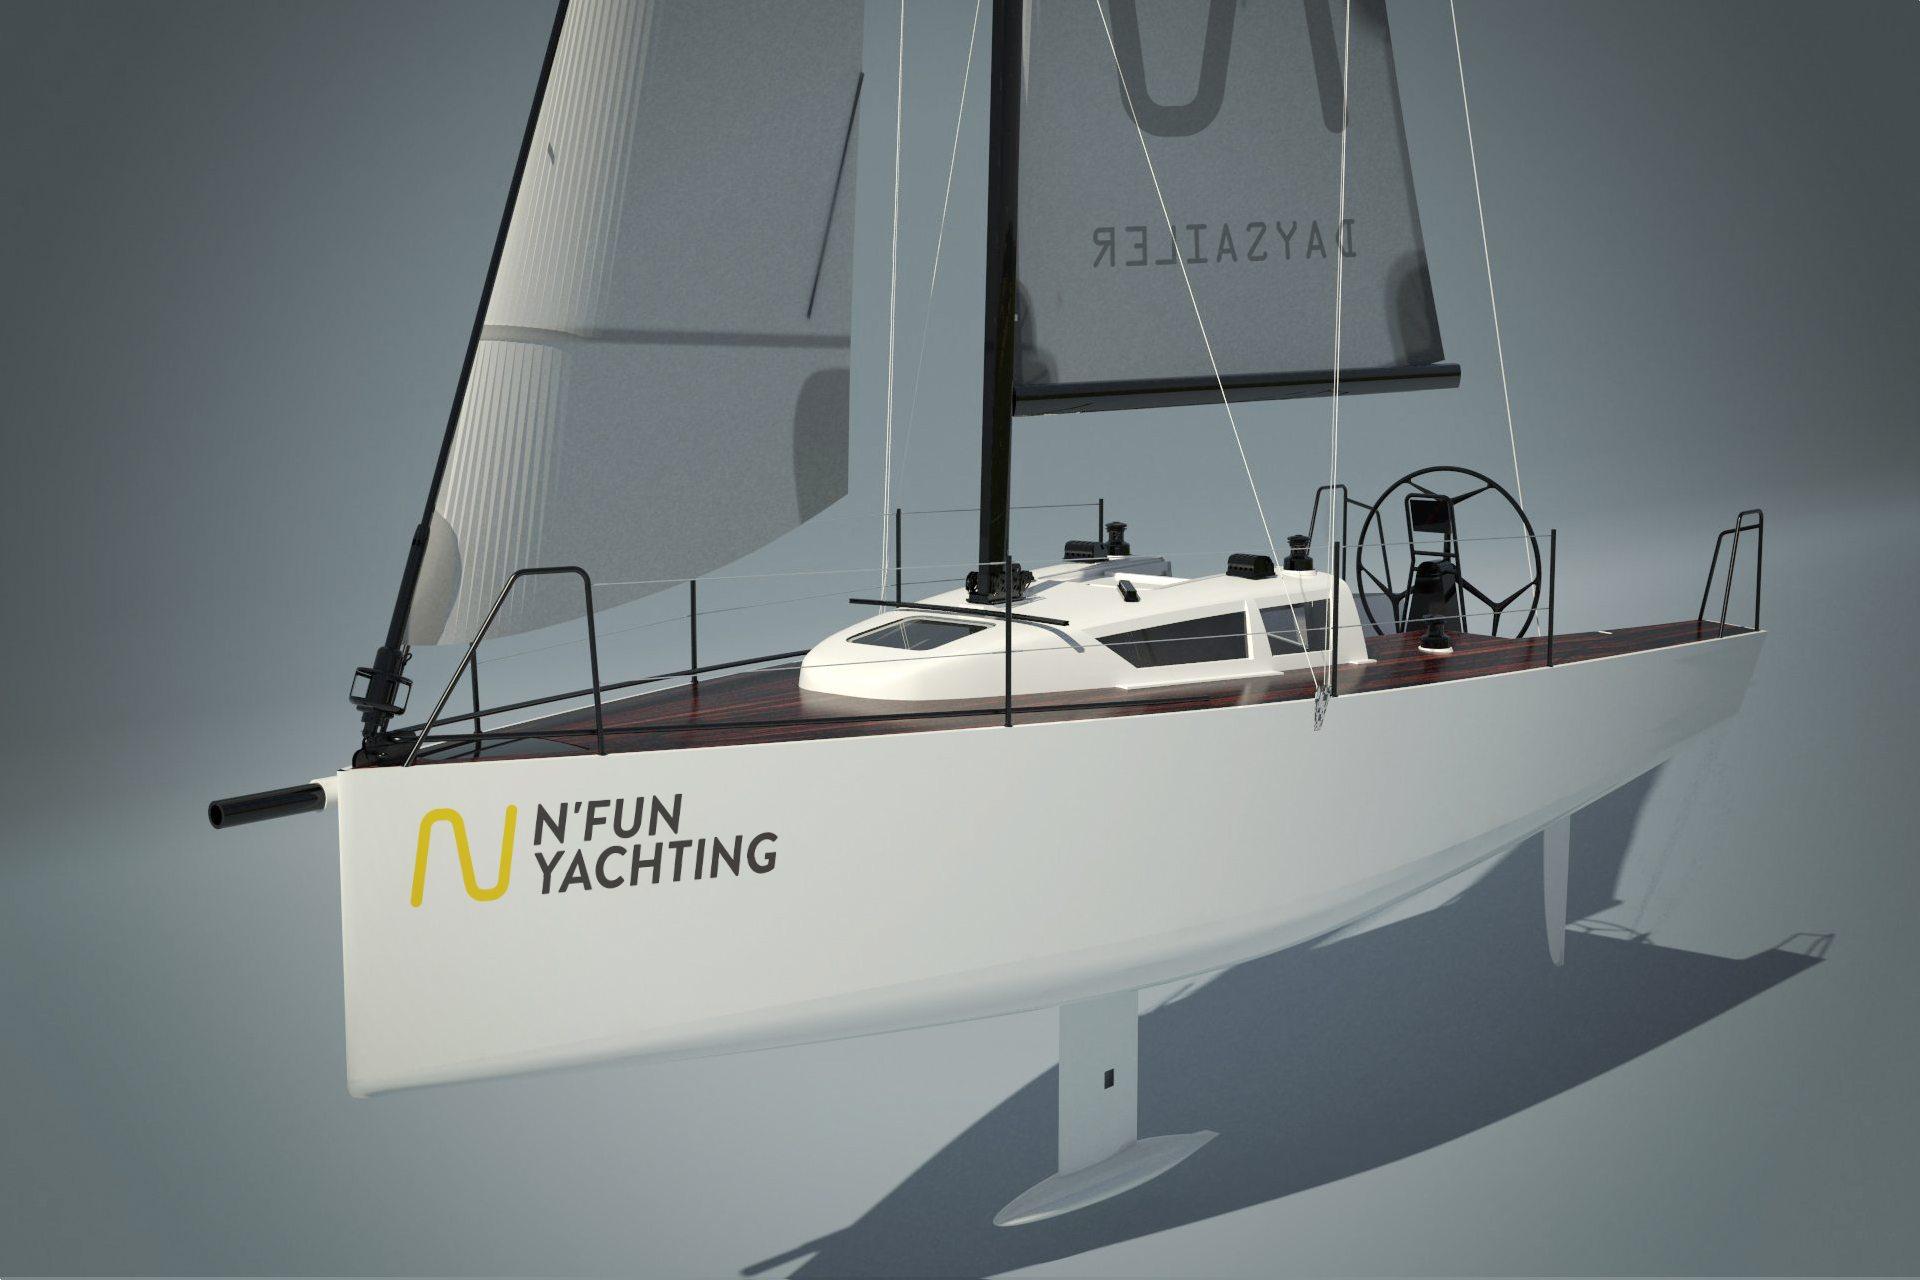 Launching of N Fun30 daysailer yacht